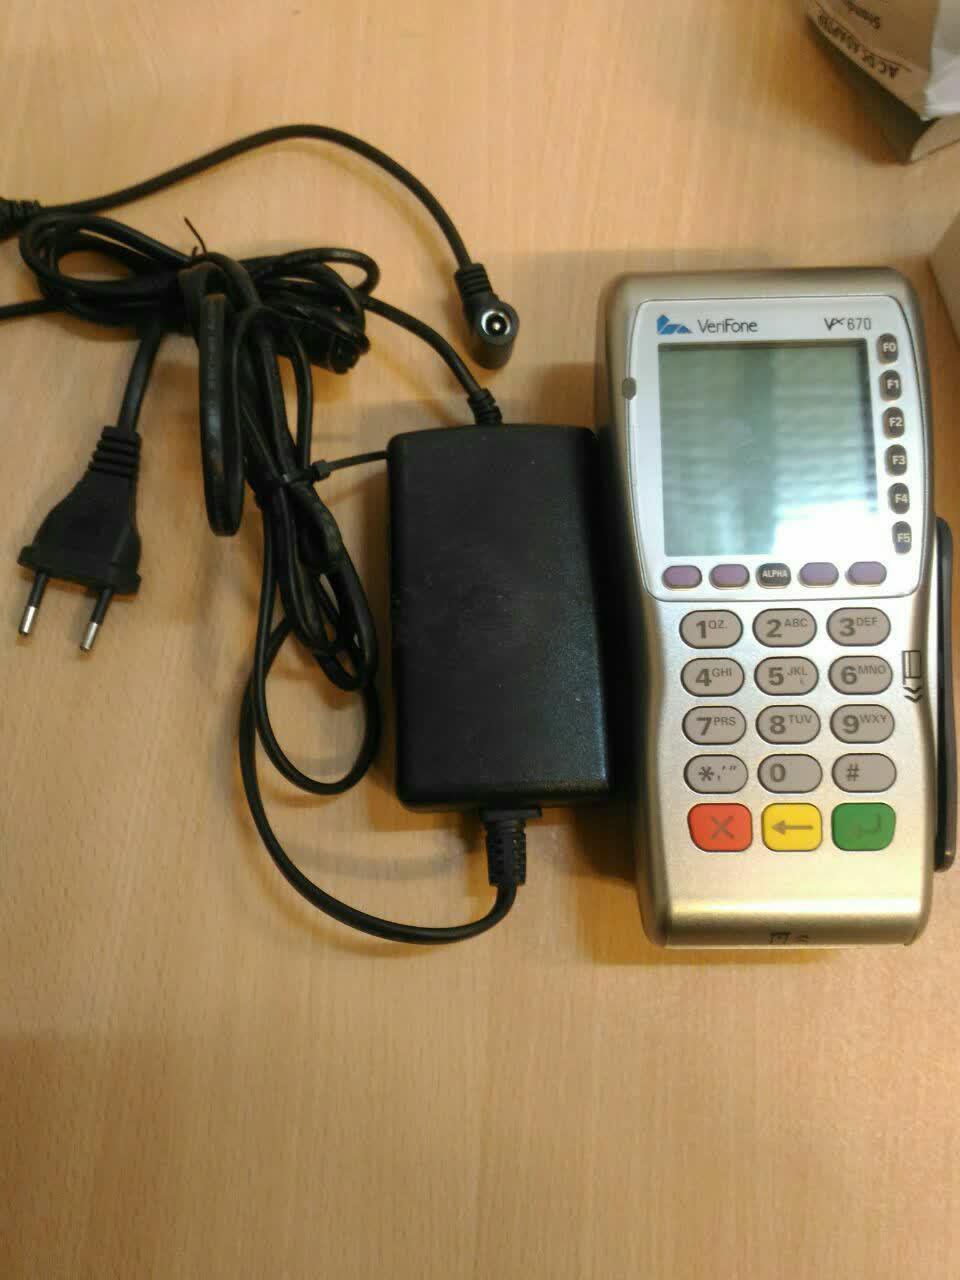 دستگاه کارت خوان بدون نیاز به جواز کسب بدون نیاز به تراکنش مشخص